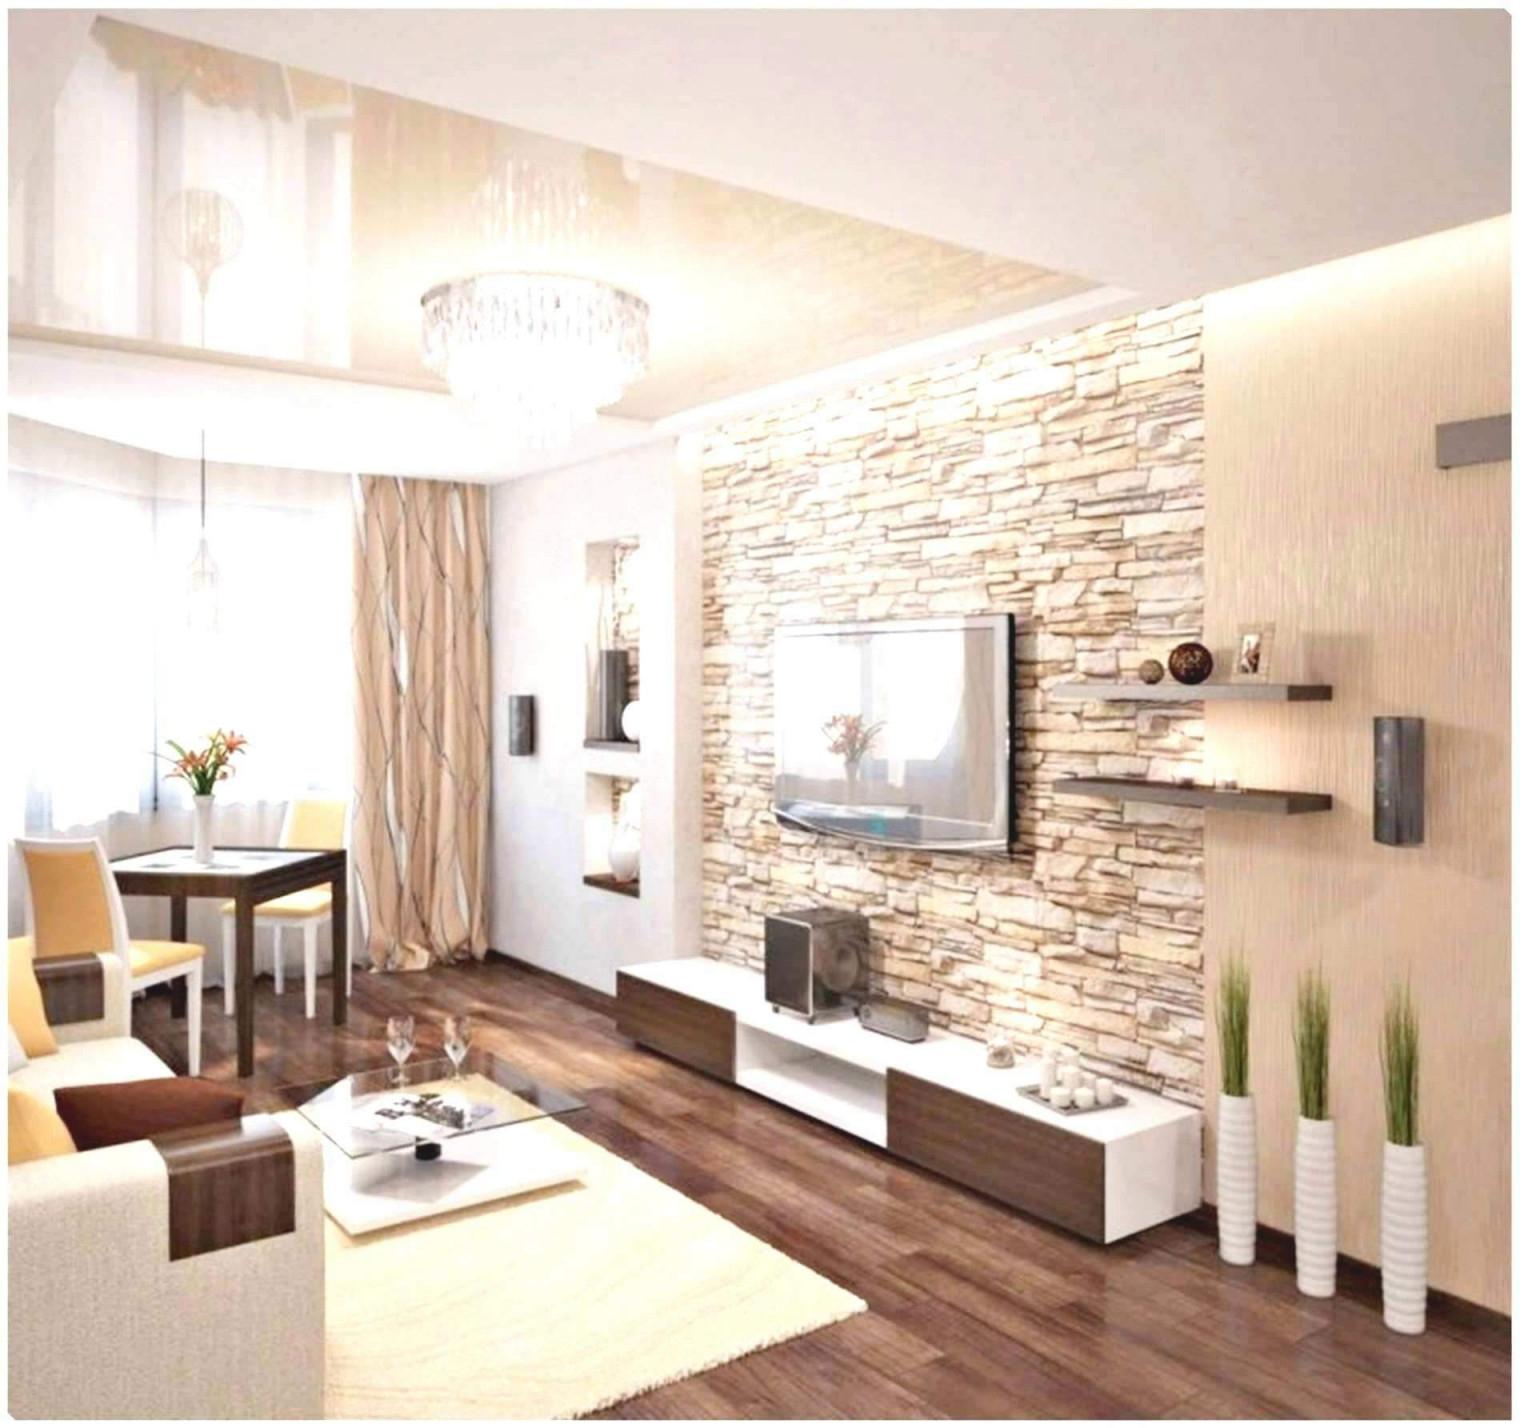 Ausgefallene Tapeten Wohnzimmer Genial Best Moderne Tapeten von Ausgefallene Bilder Wohnzimmer Bild